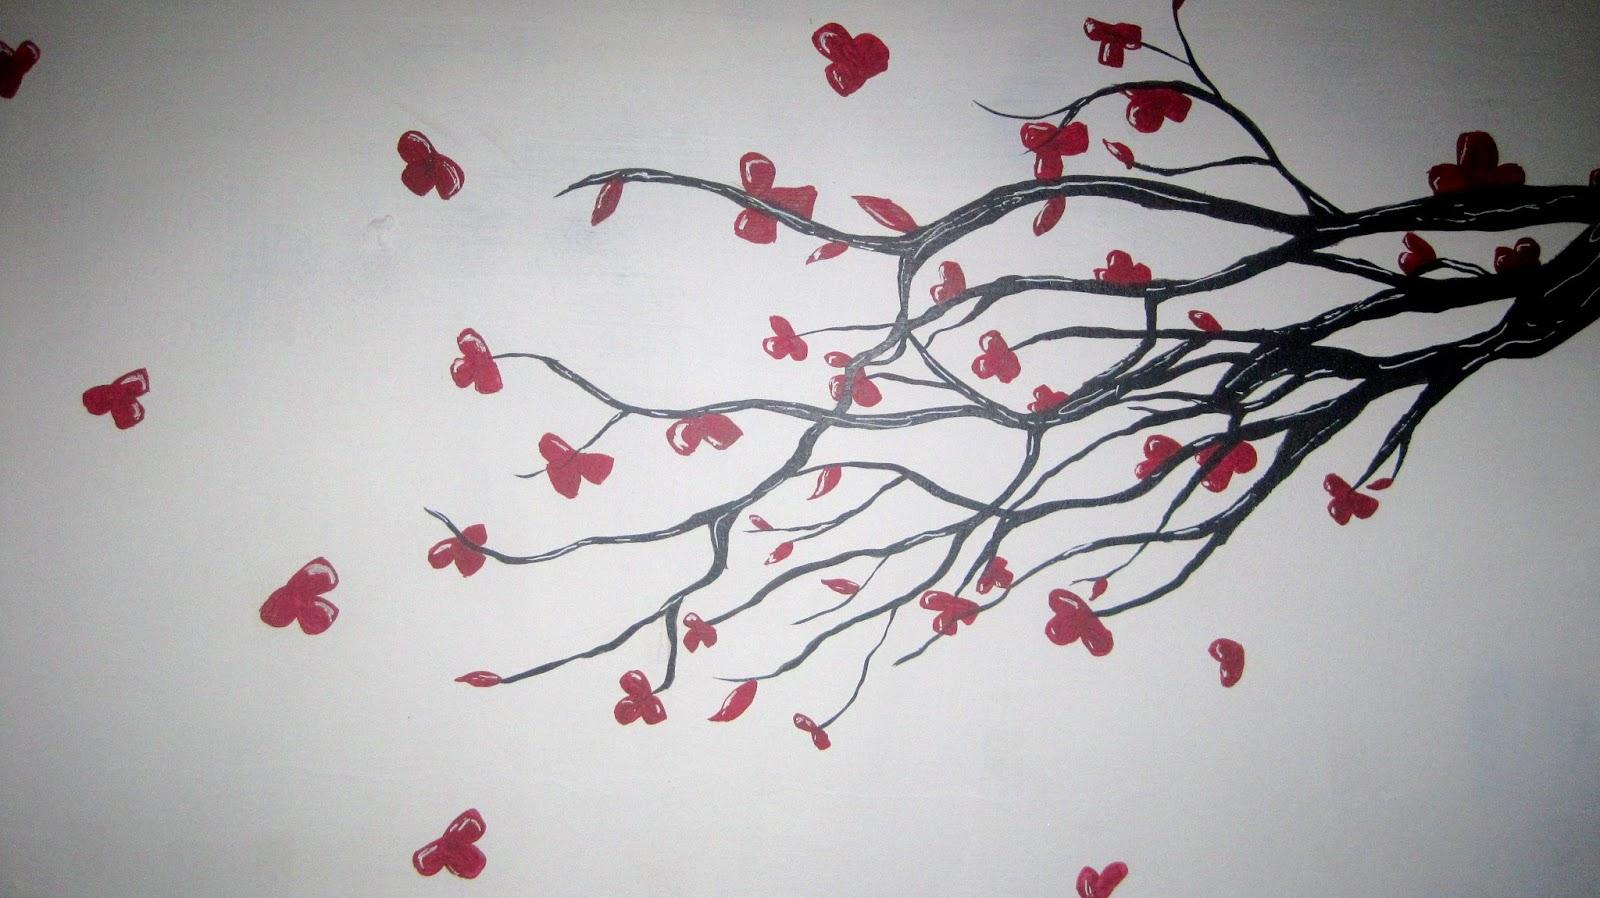 Arbol de cerezos mural en pared kadir bali black for Como dibujar un mural en la pared